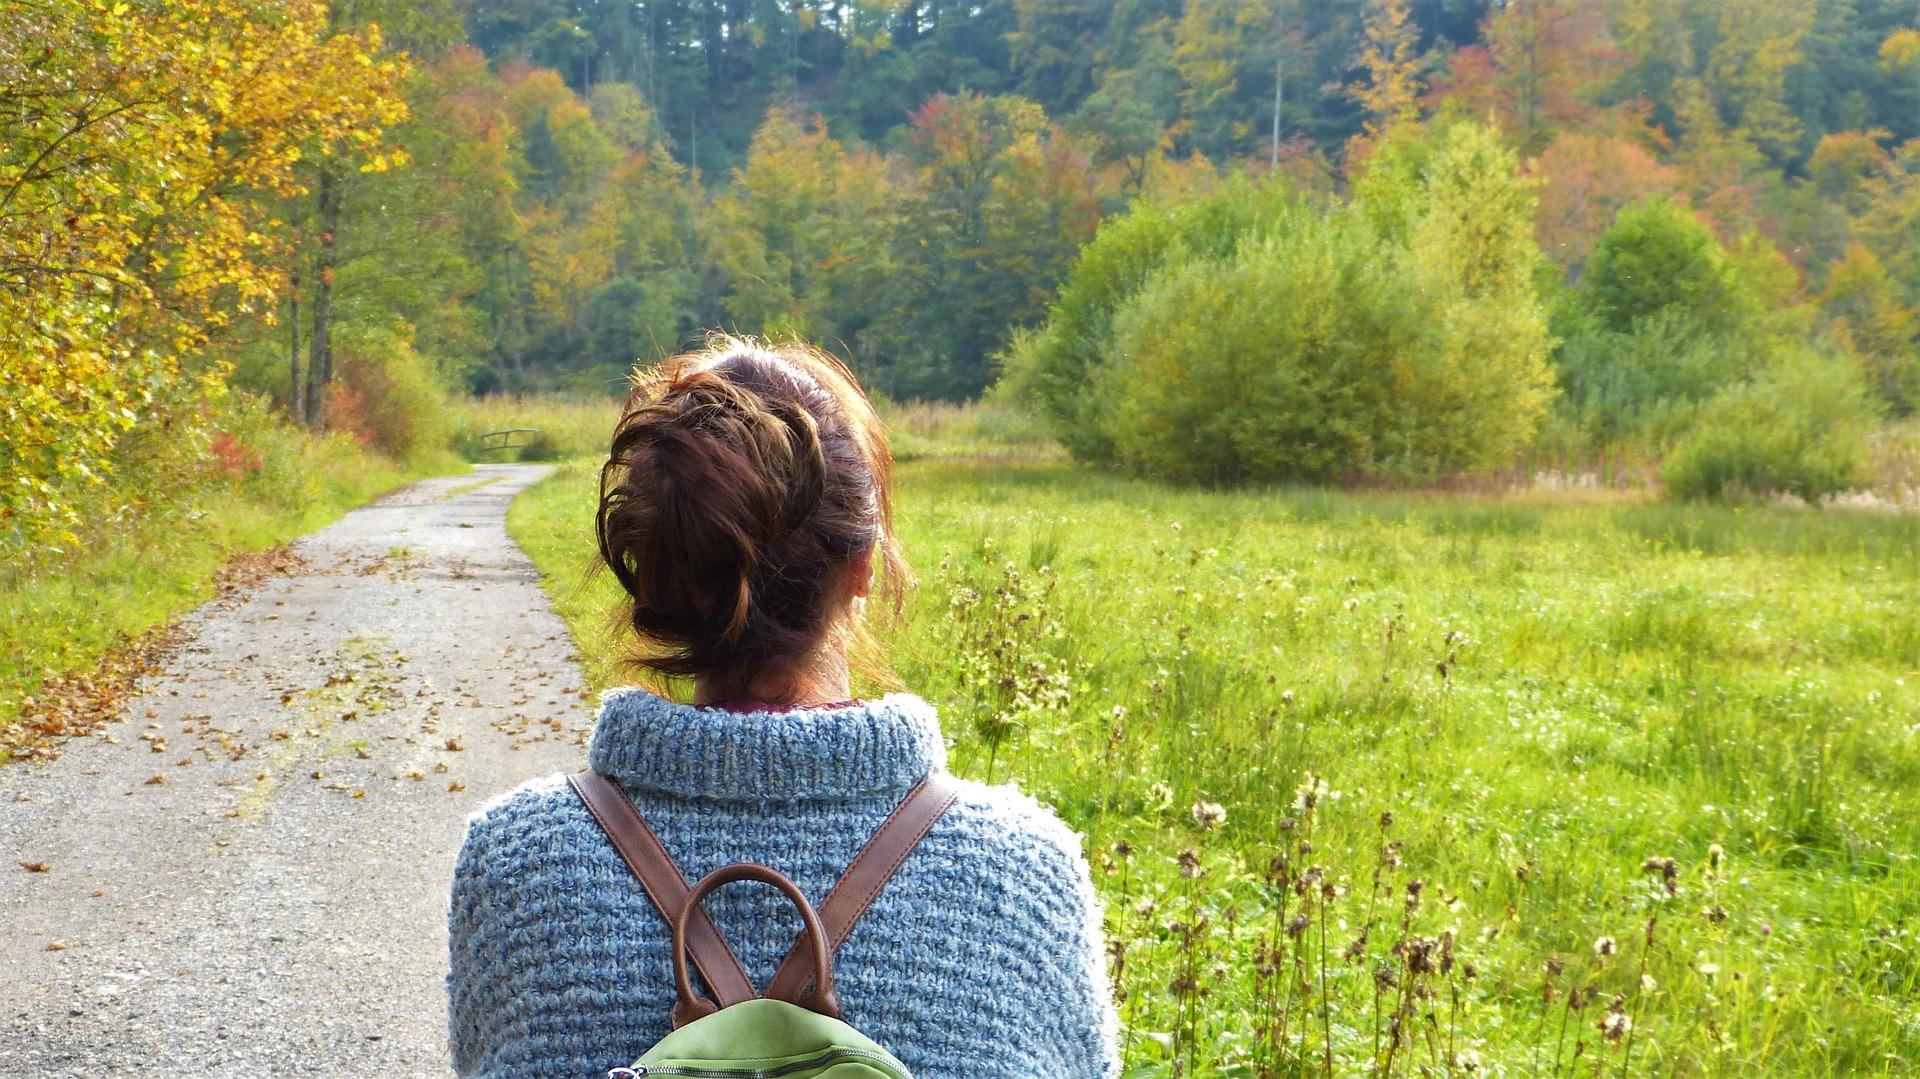 at være alene, luft, frihed, gåtur, alene, livet, valg